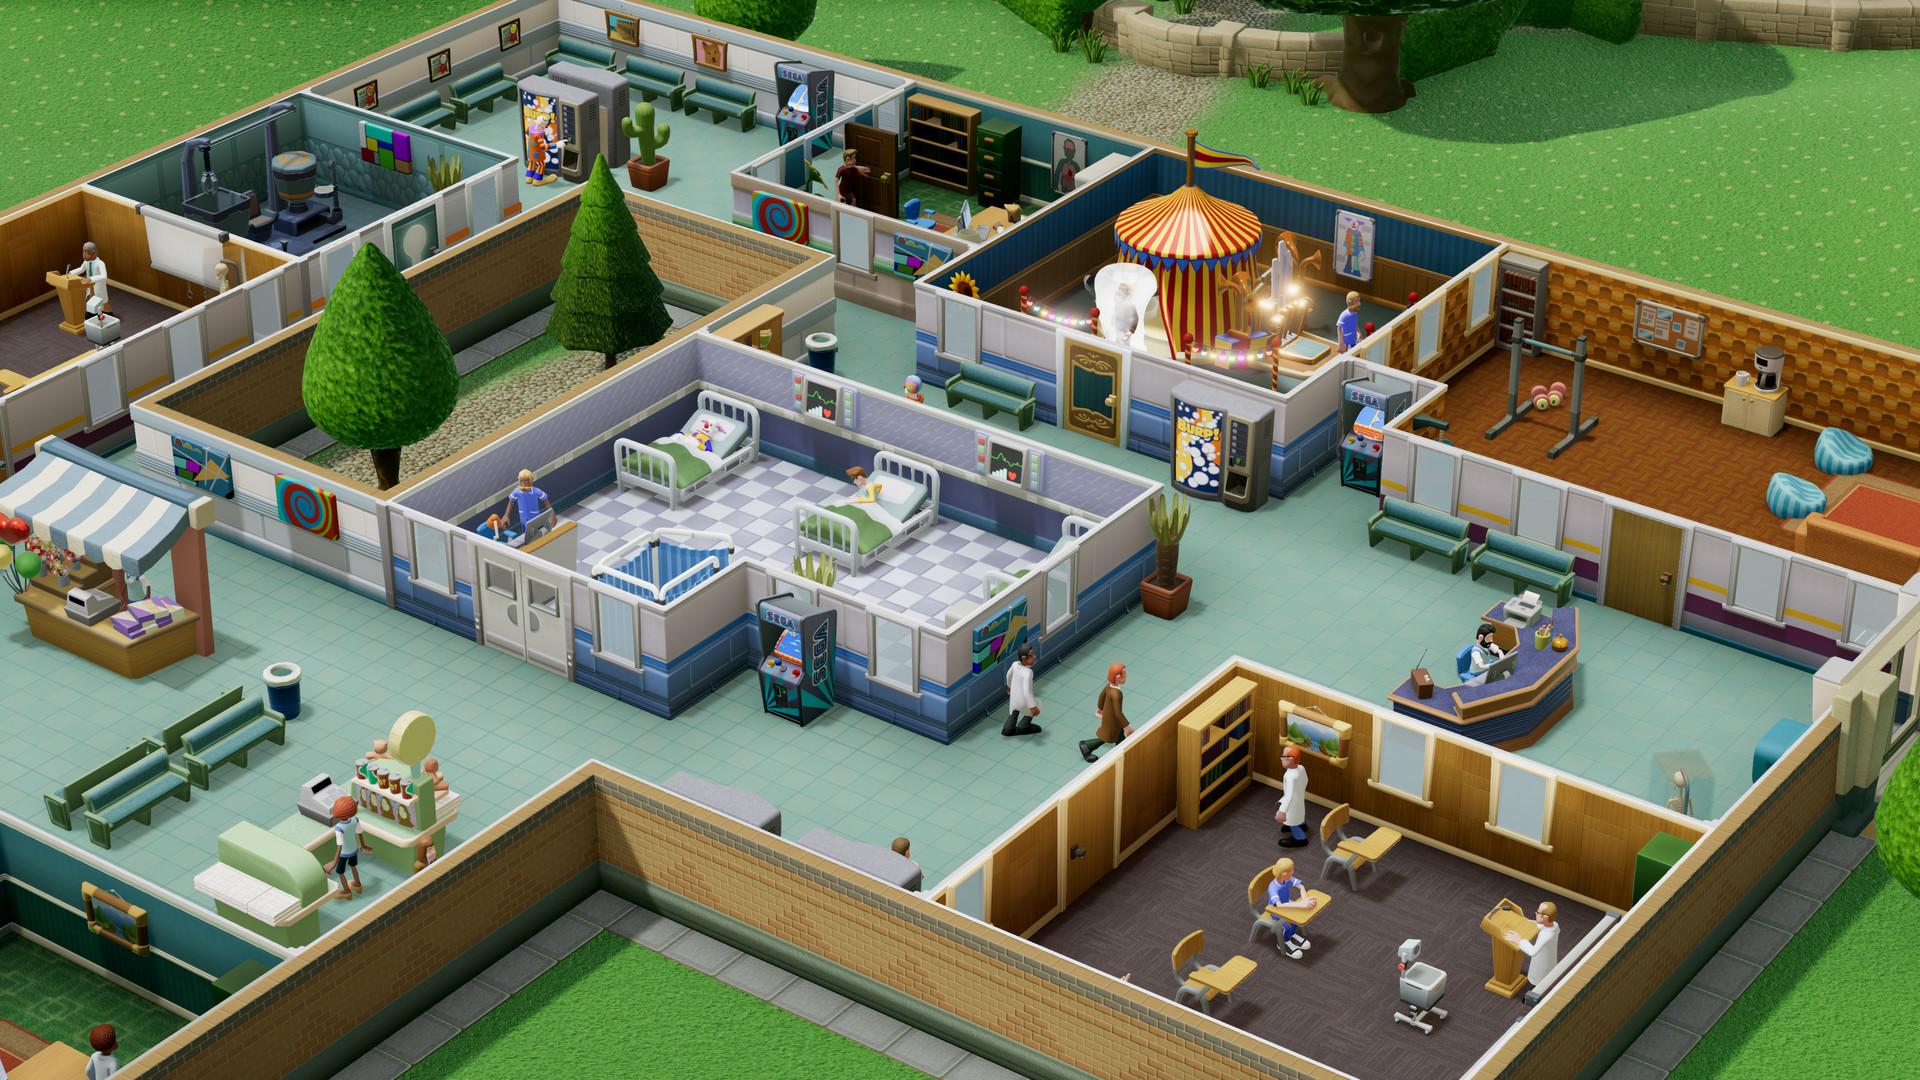 《双点医院》将迎来新更新 加入复制粘贴房间功能